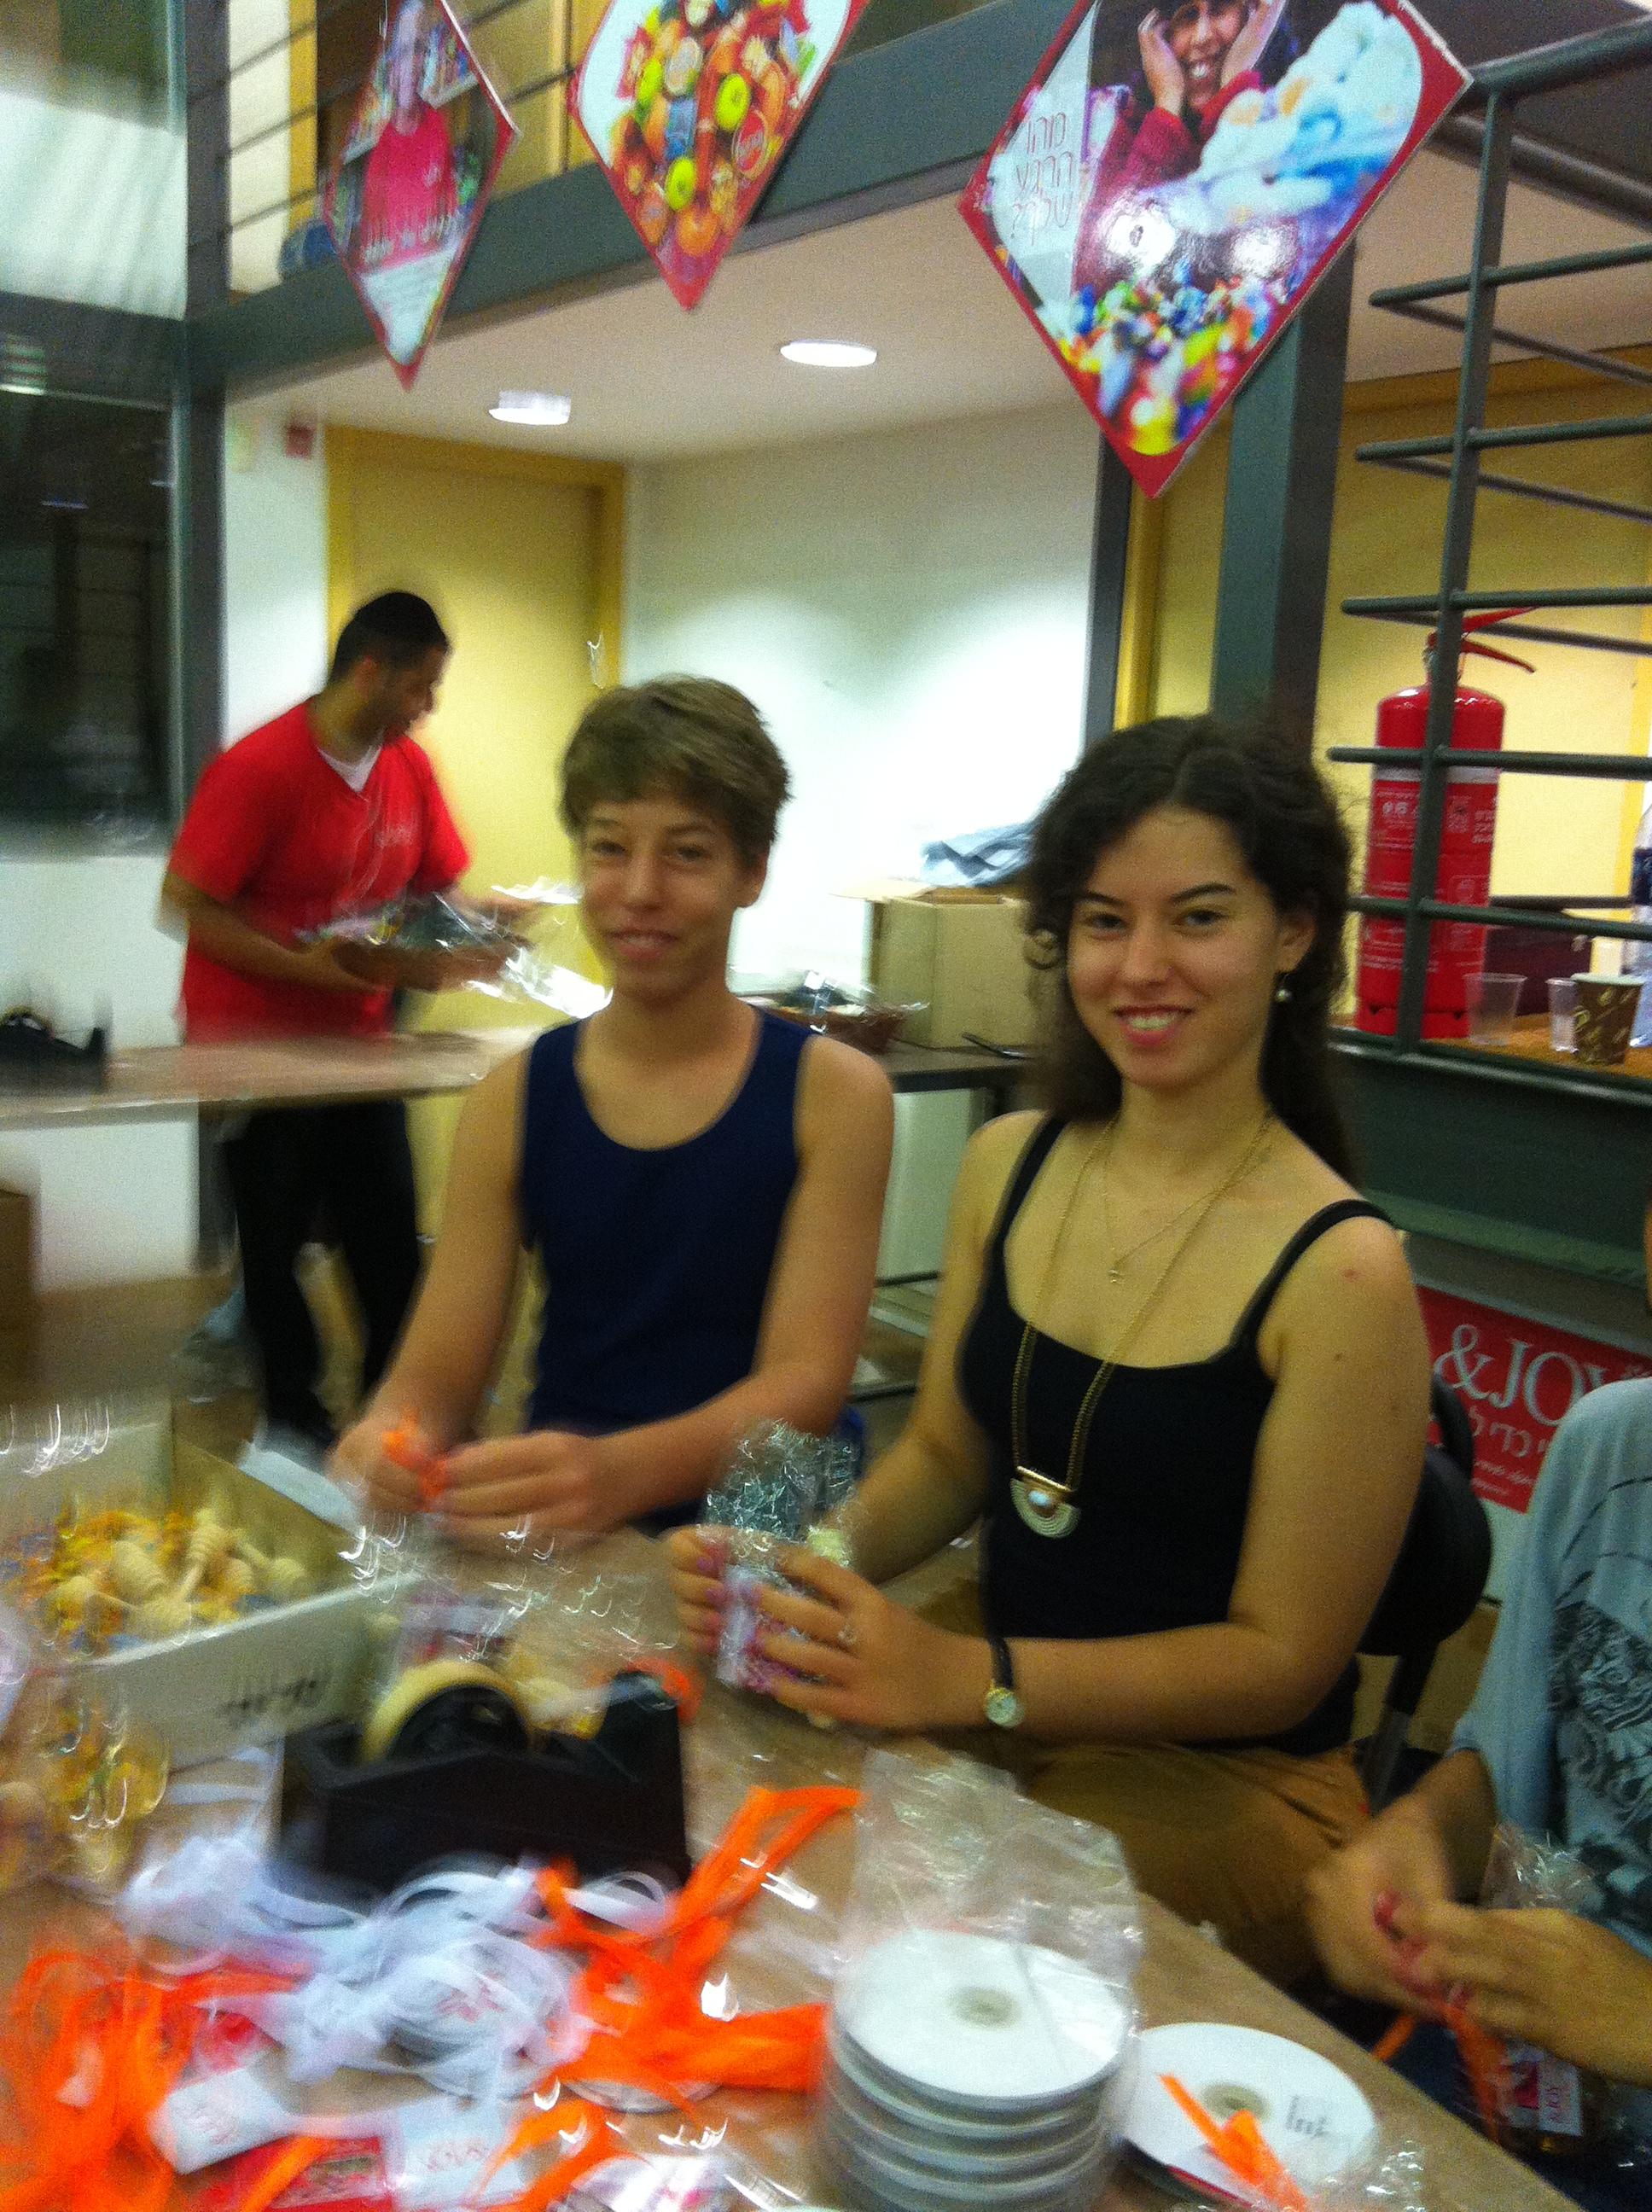 בני מצווה של בבת עין מתנדבים בסטודיו &Joy